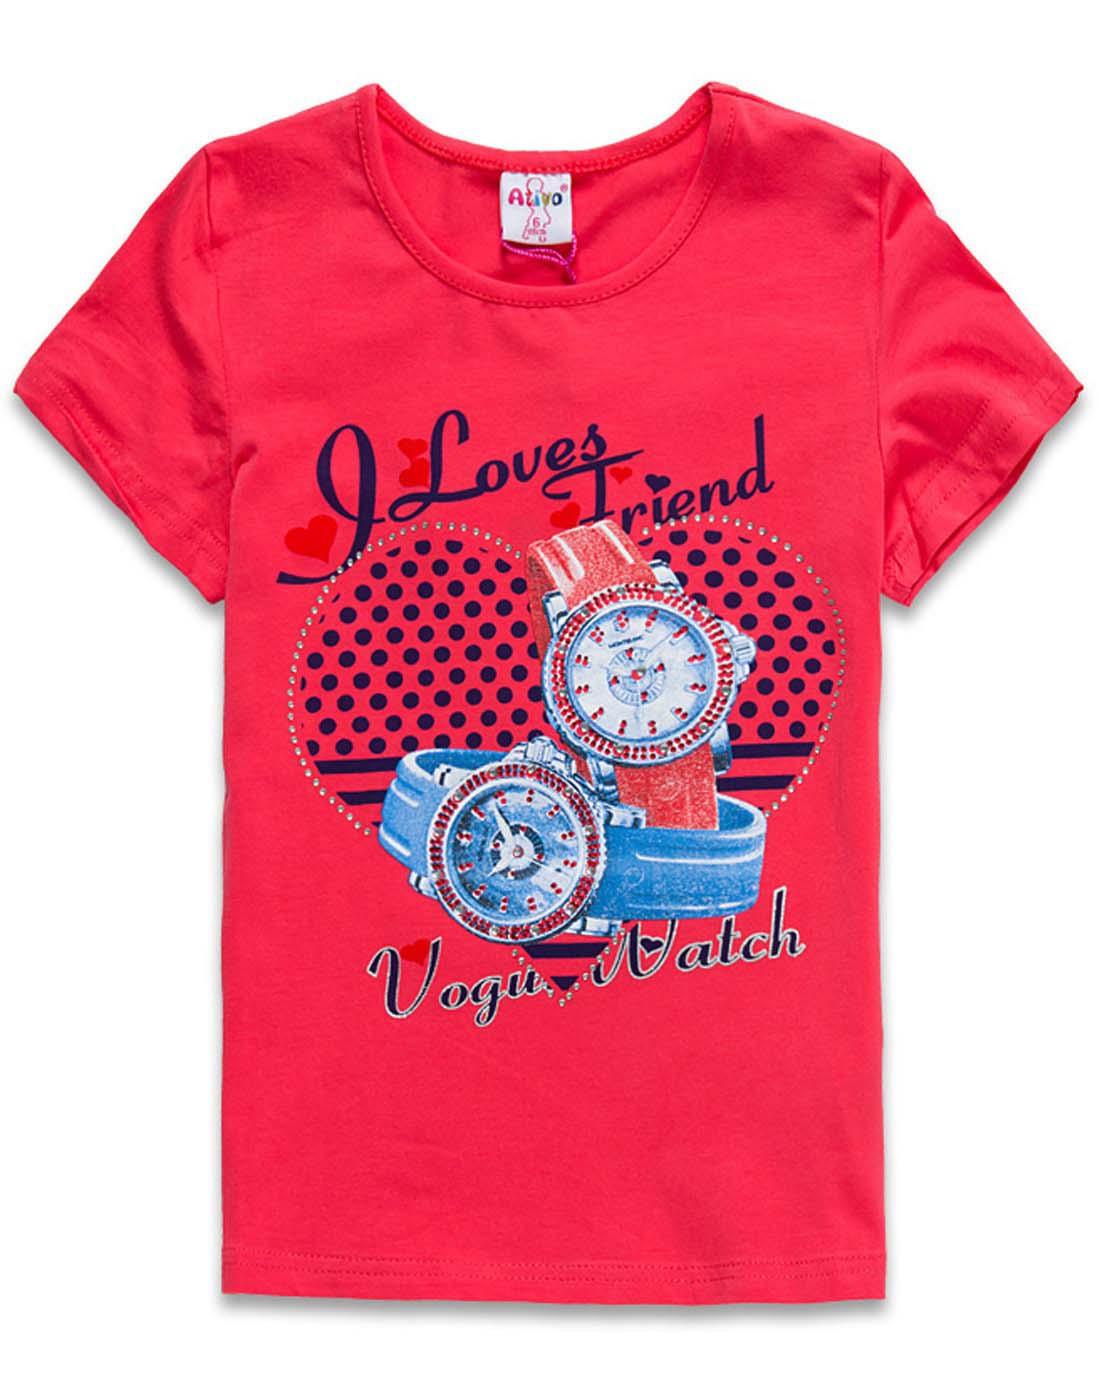 女童栖红带钻时尚可爱手表图案t恤